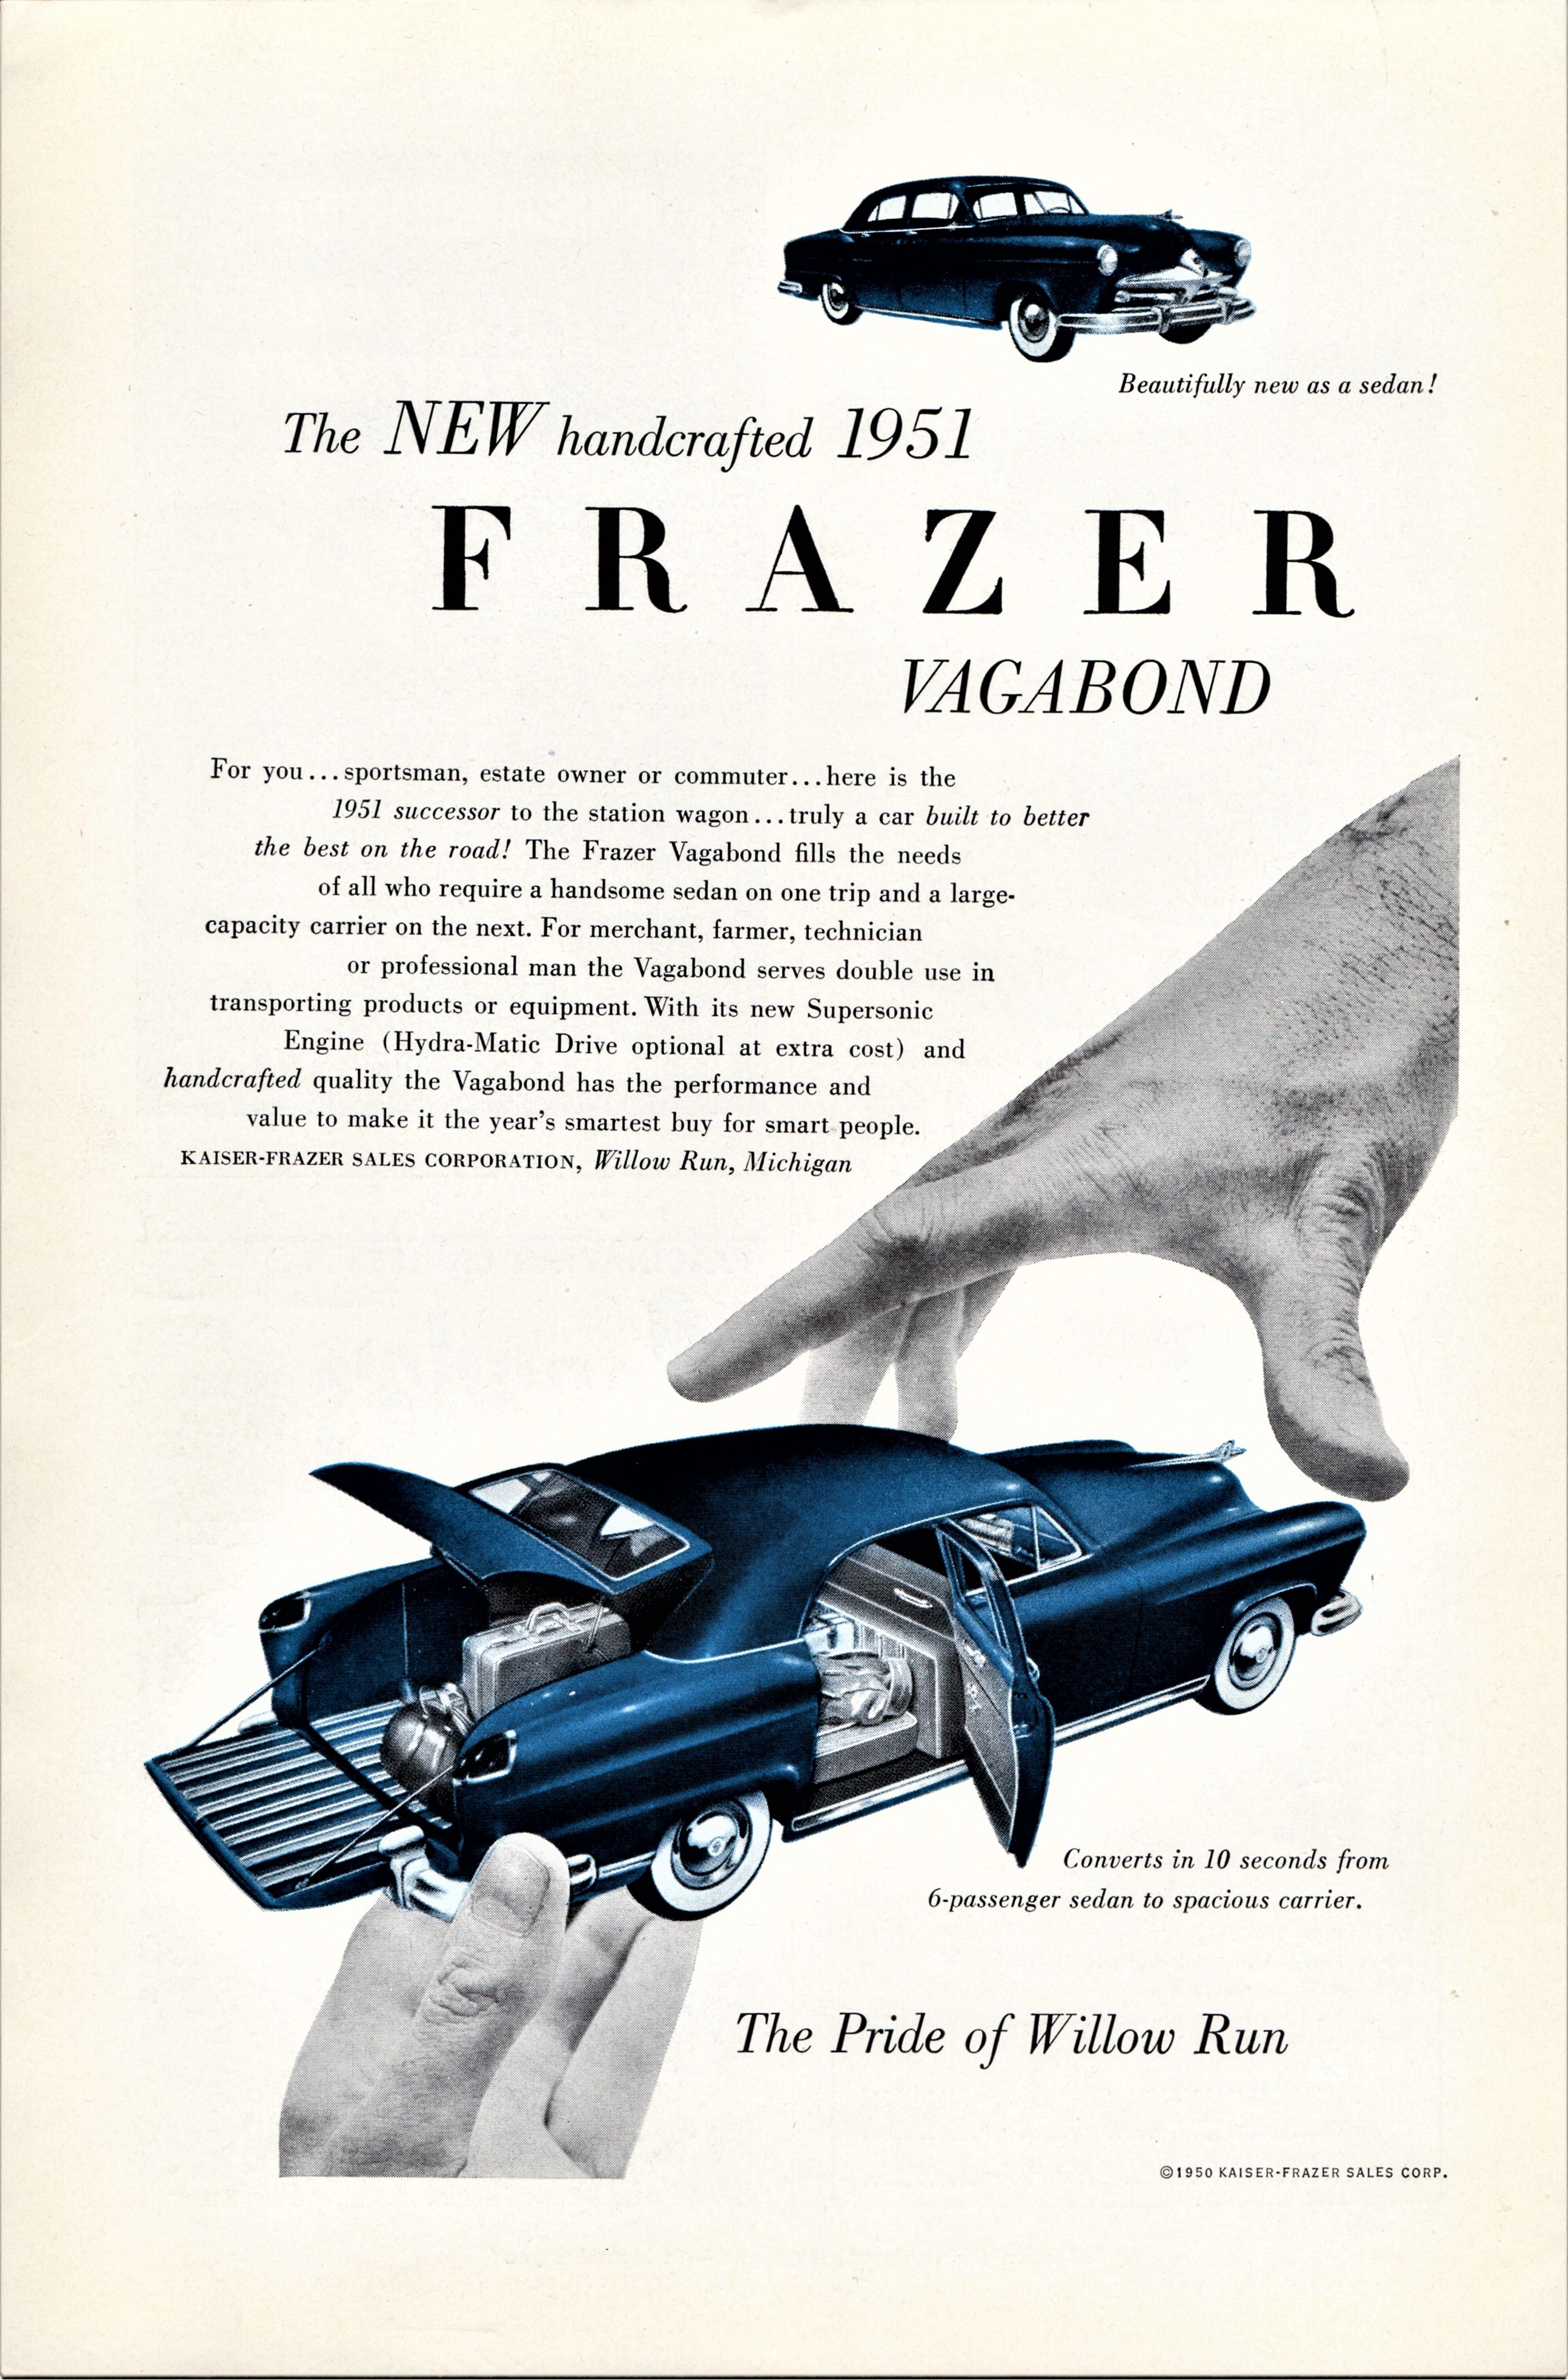 1951 Frazer Vagabond